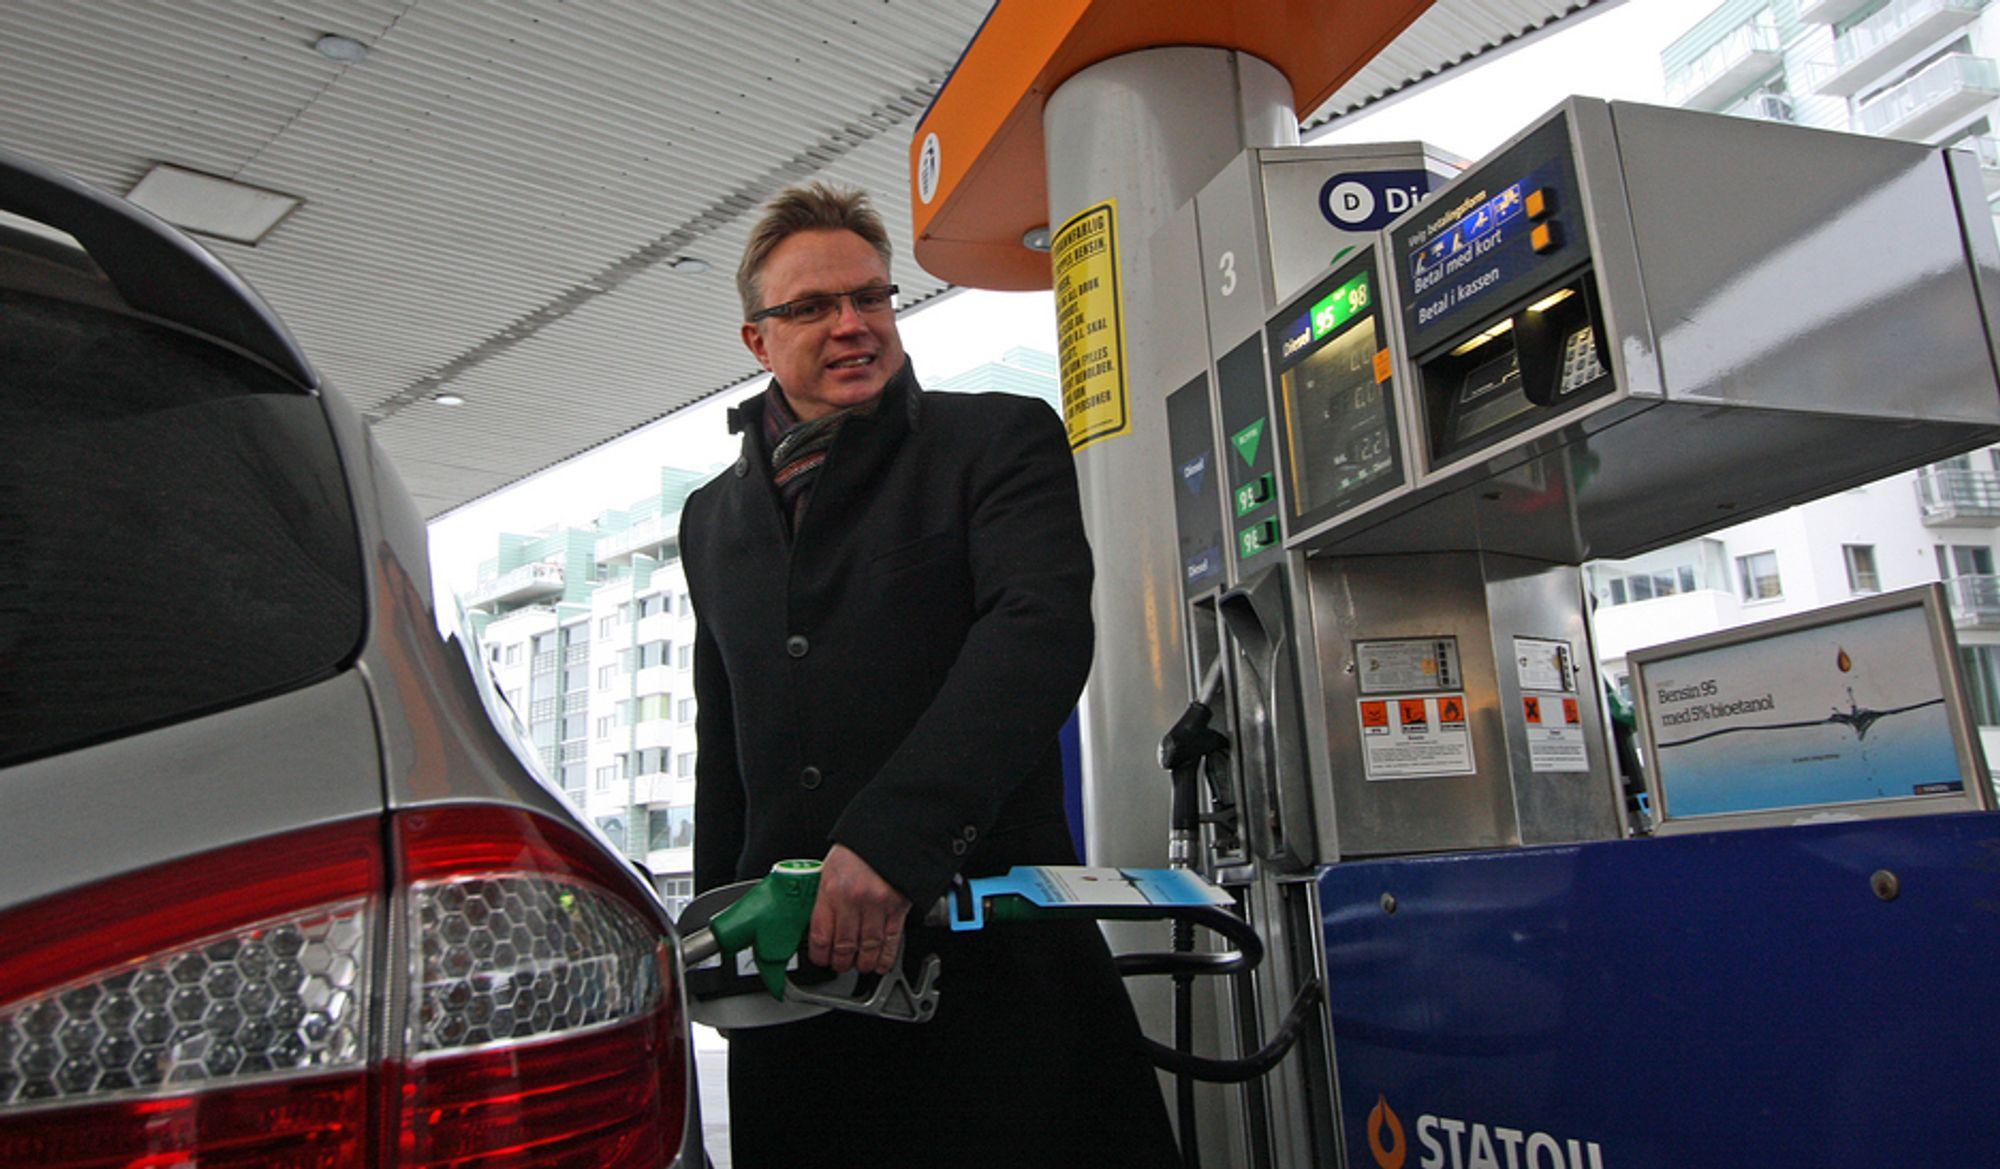 Statoil slutter nå med innblanding av biodiesel i dieselen som selges der det er ekstra kaldt. Dette bildet er fra da administrerende direktør Dag Roger Rinde i Statoil Norge AS lanserte et annet produkt, Bensin 95 med fem prosent etanol, som første oljeselskap i Norge tidligere i år.